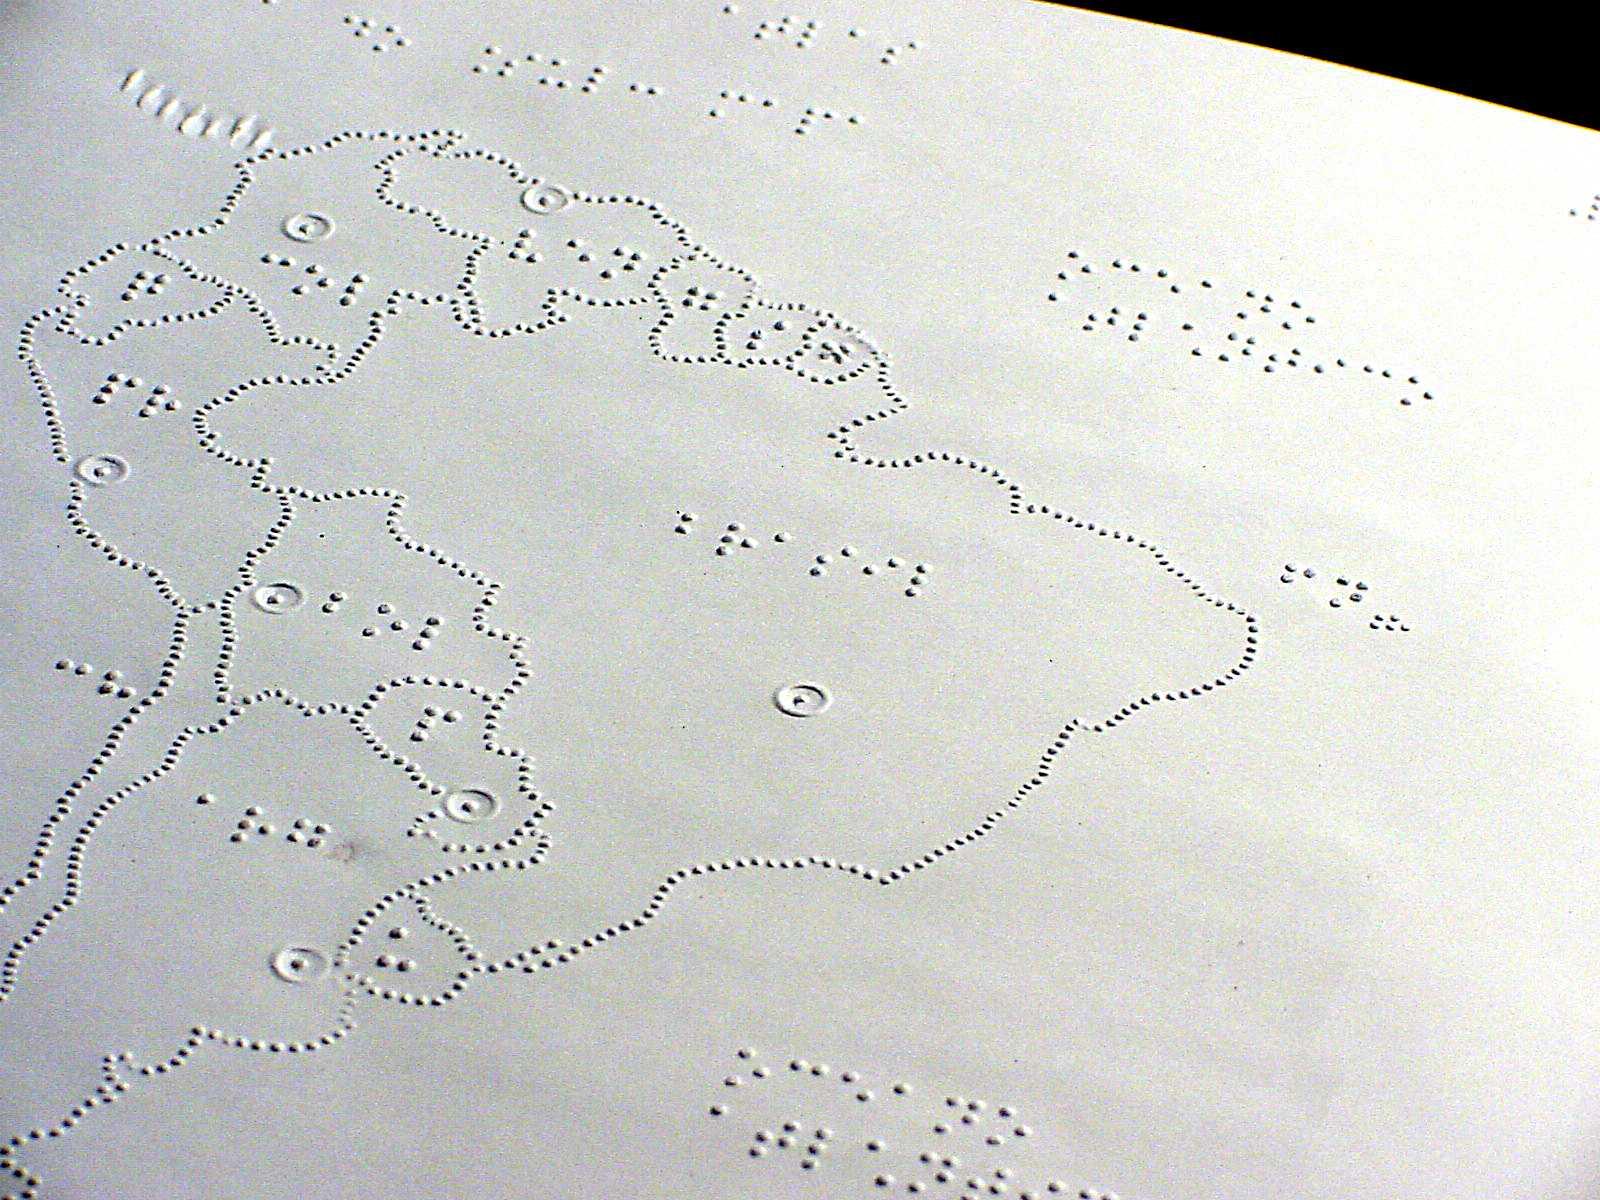 Imagem de uma página braille, com o desenho em relevo do mapa do Brasil.